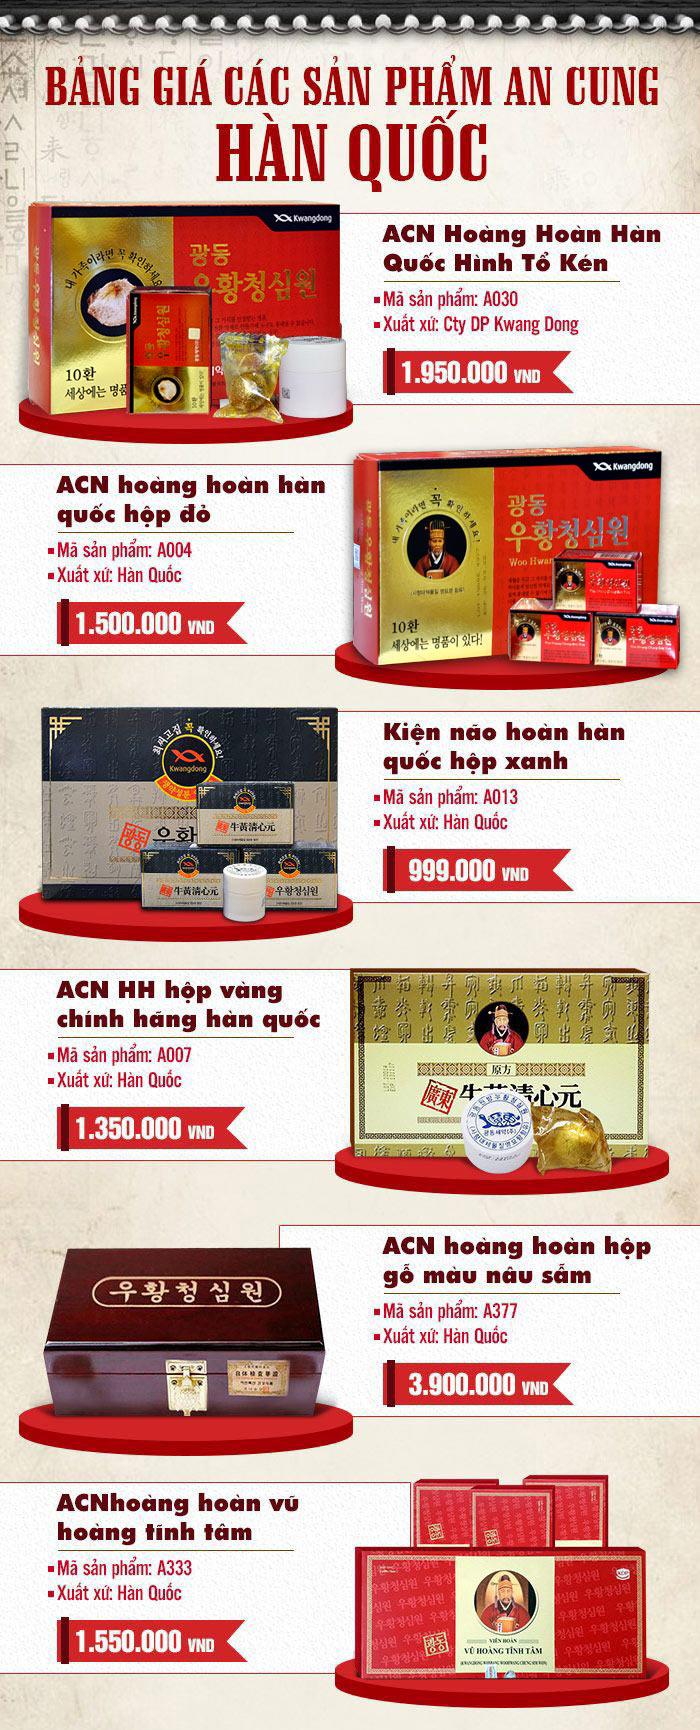 Bảng giá các sản phẩm an cung ngưu Hàn Quốc cùng loại